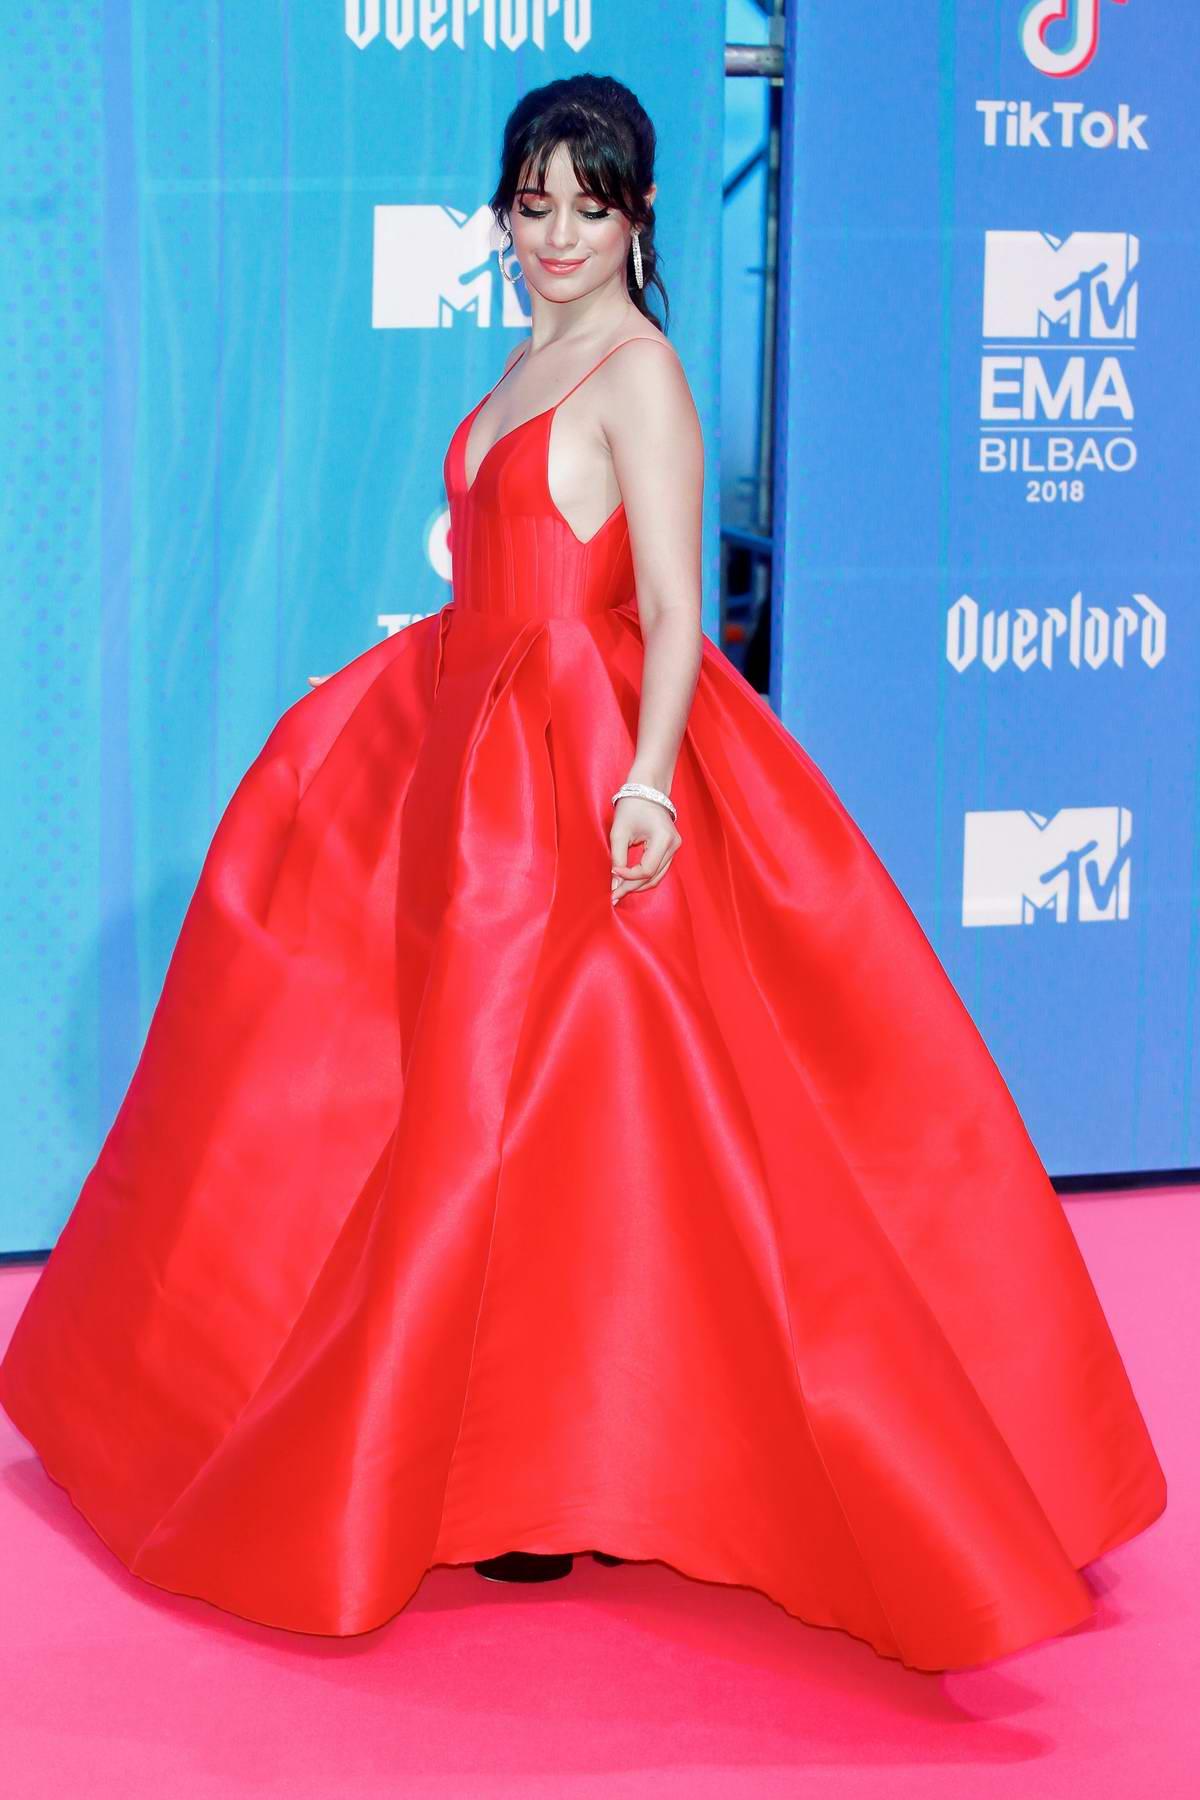 Camila Cabello attends the MTV EMAs 2018 at the Bilbao Exhibition Centre in Bilbao, Spain